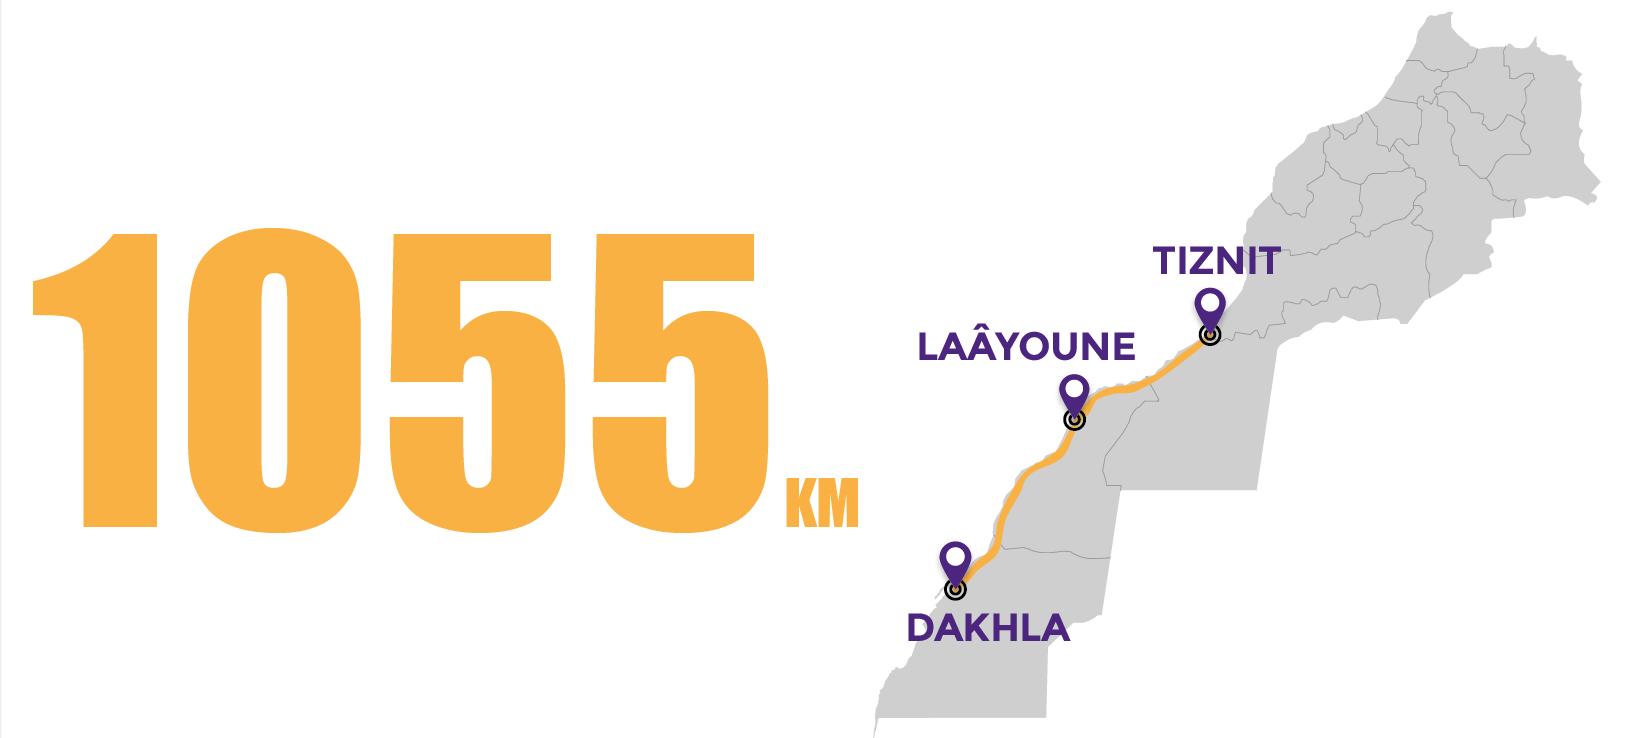 La voie express Tiznit-Dakhla sera réalisée dans les délais